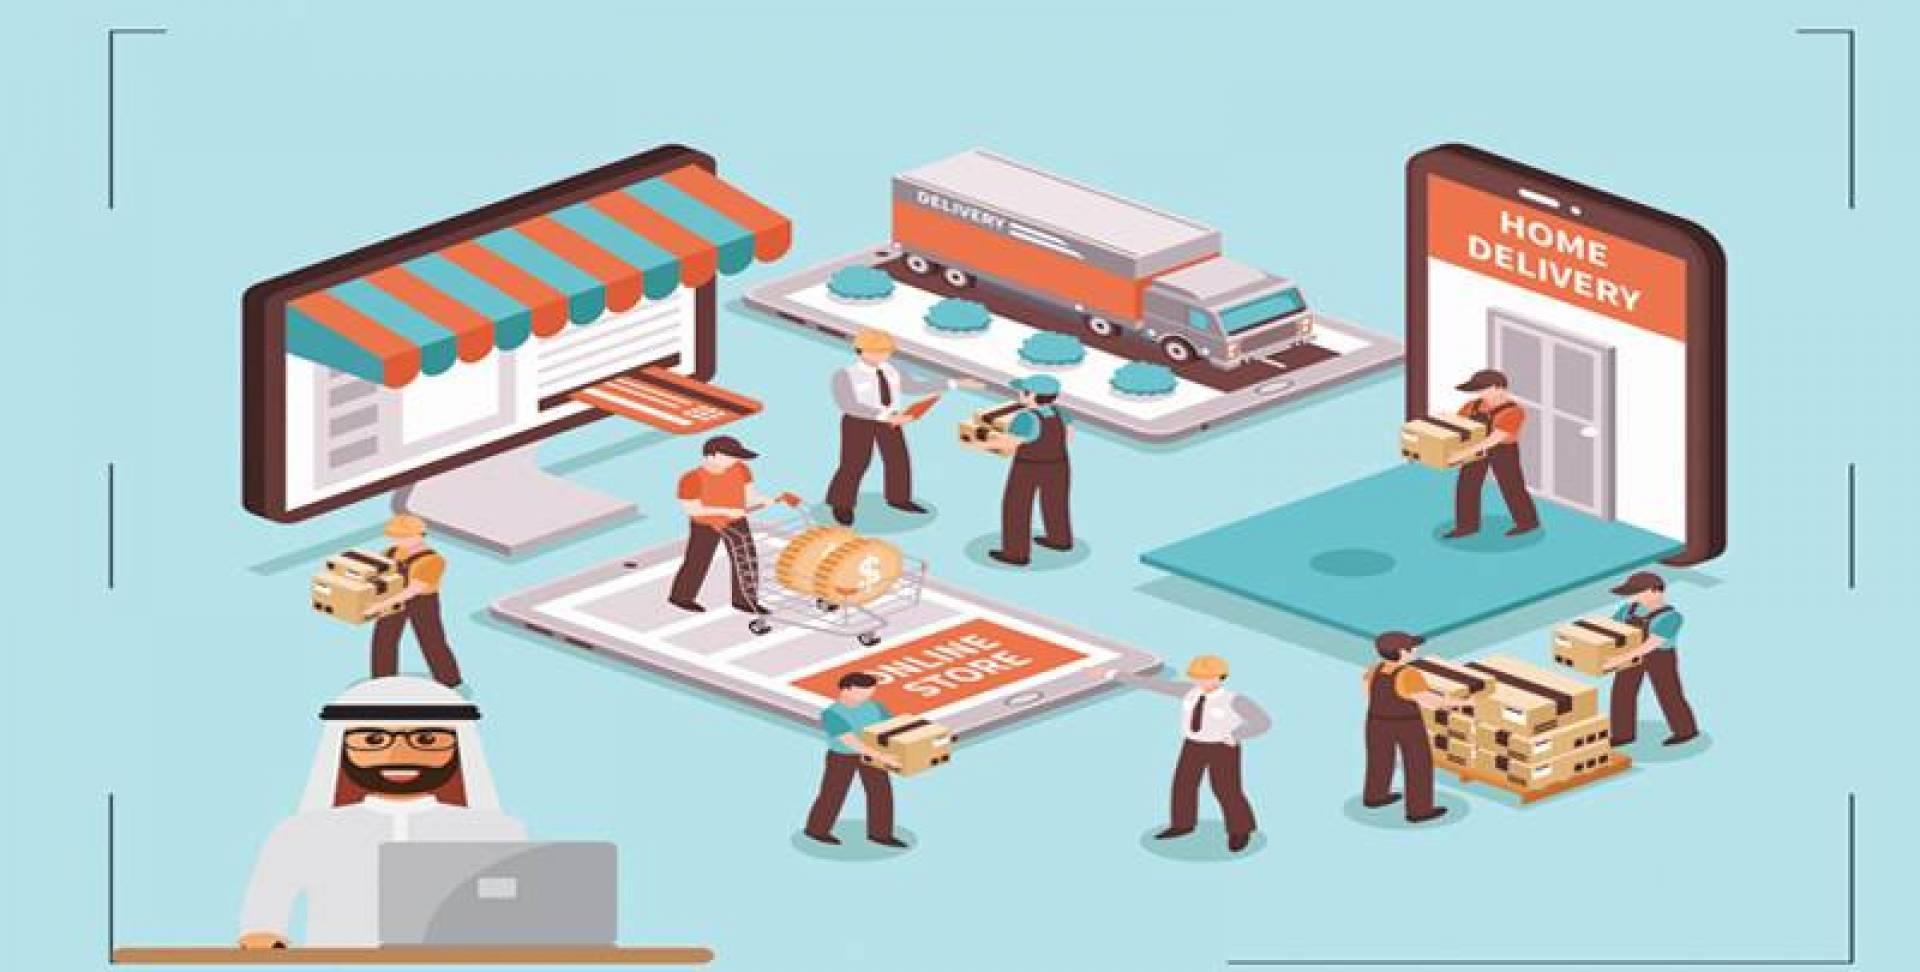 خدمات الـ Delivery وزيادة الطلب عليها خلال أزمة كورونا